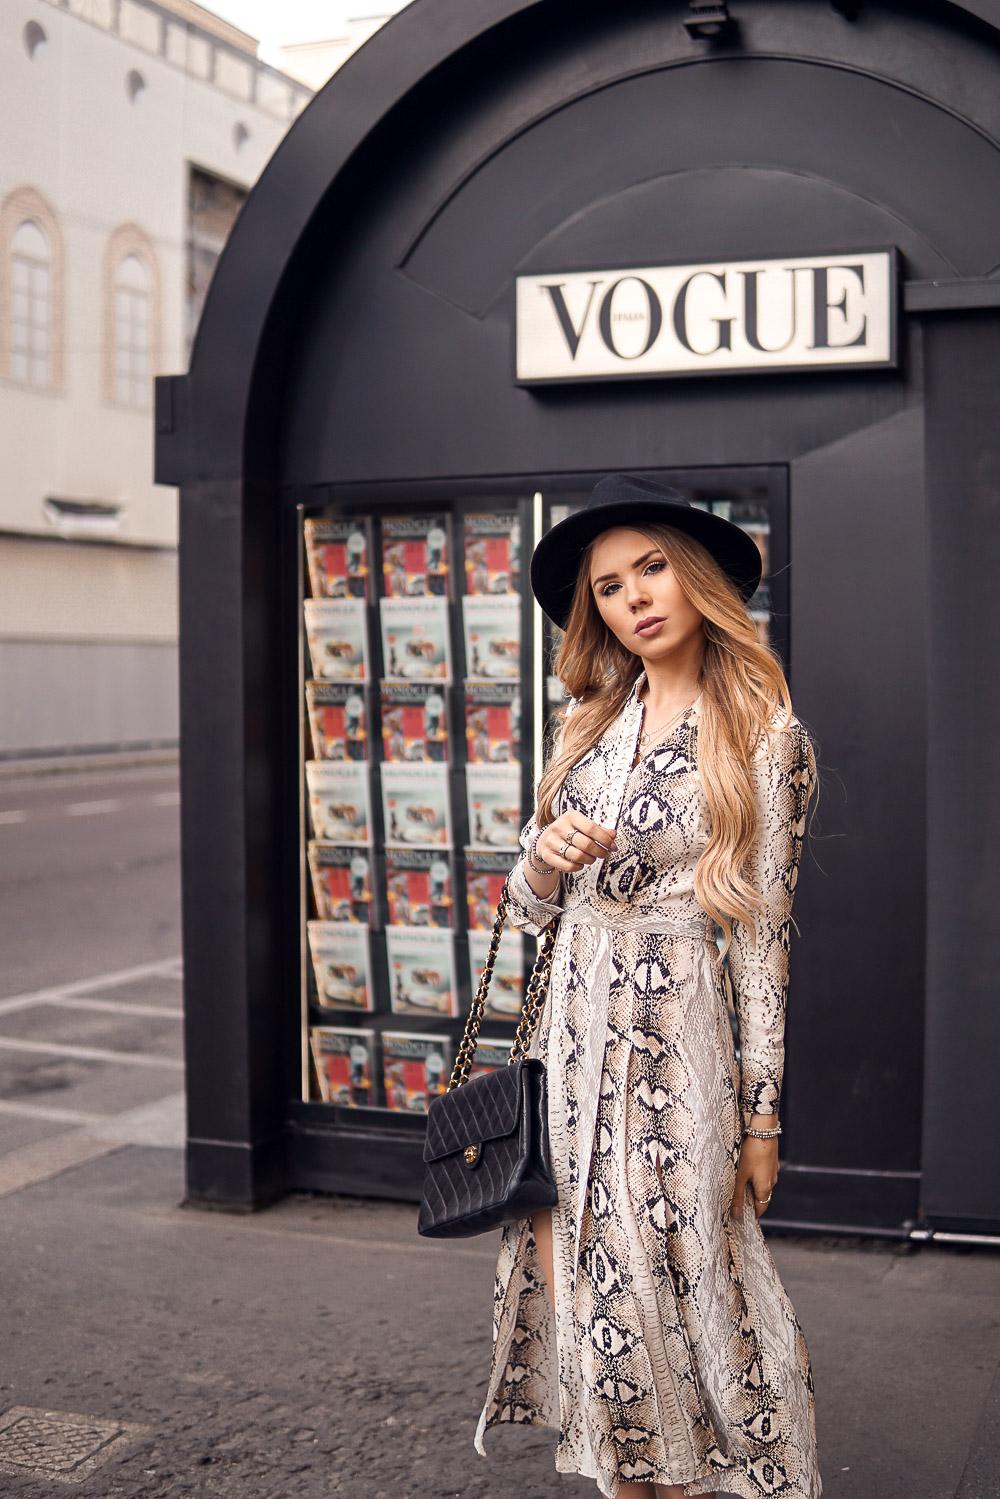 Vogue Kiosk Stand Zeitungsstand Mailand Milano - Adresse